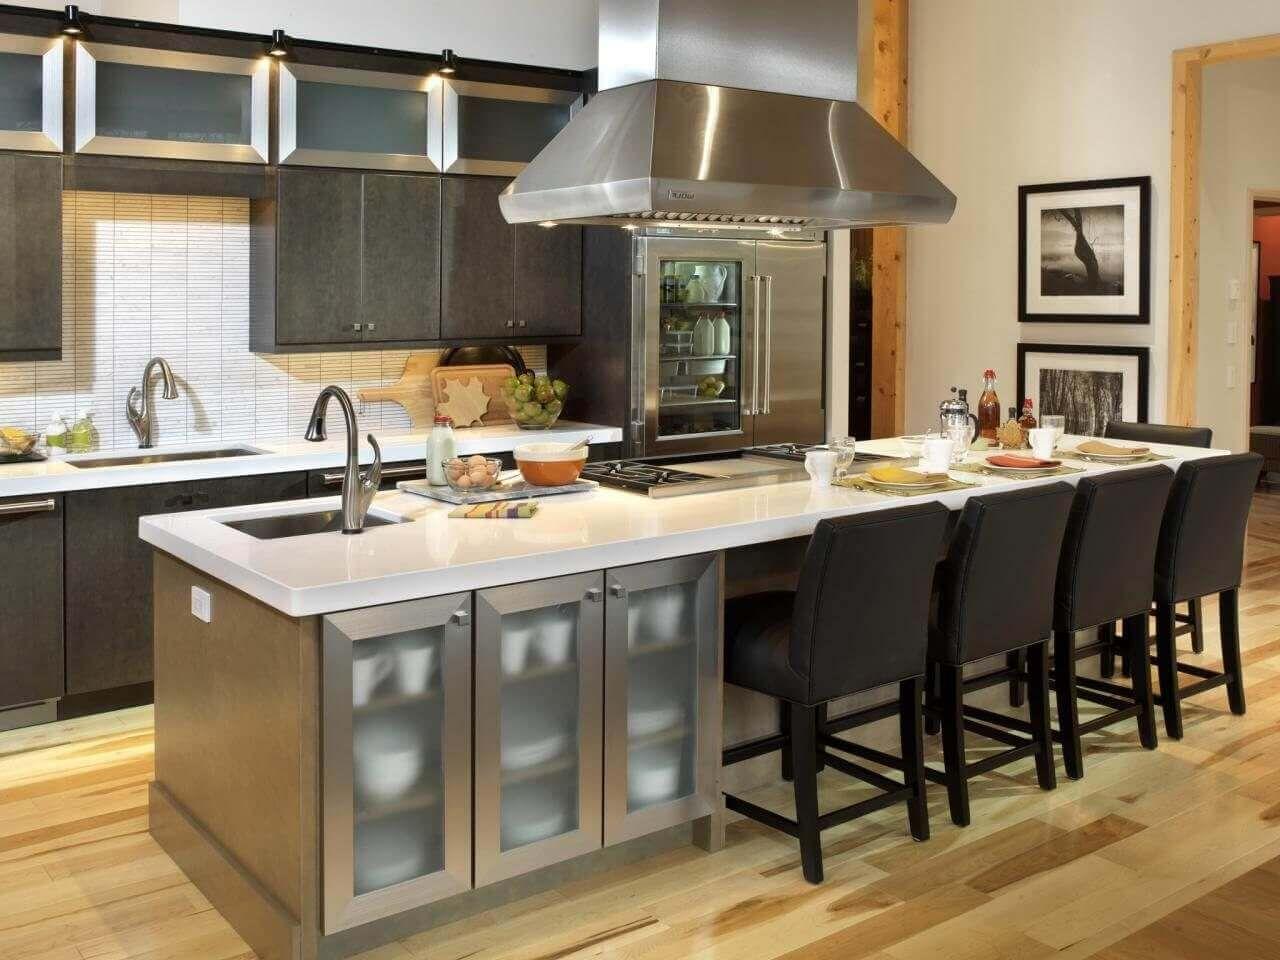 68 deluxe custom kitchen island ideas jaw dropping designs kitchen island with sink kitchen on kitchen island ideas eat in id=51352